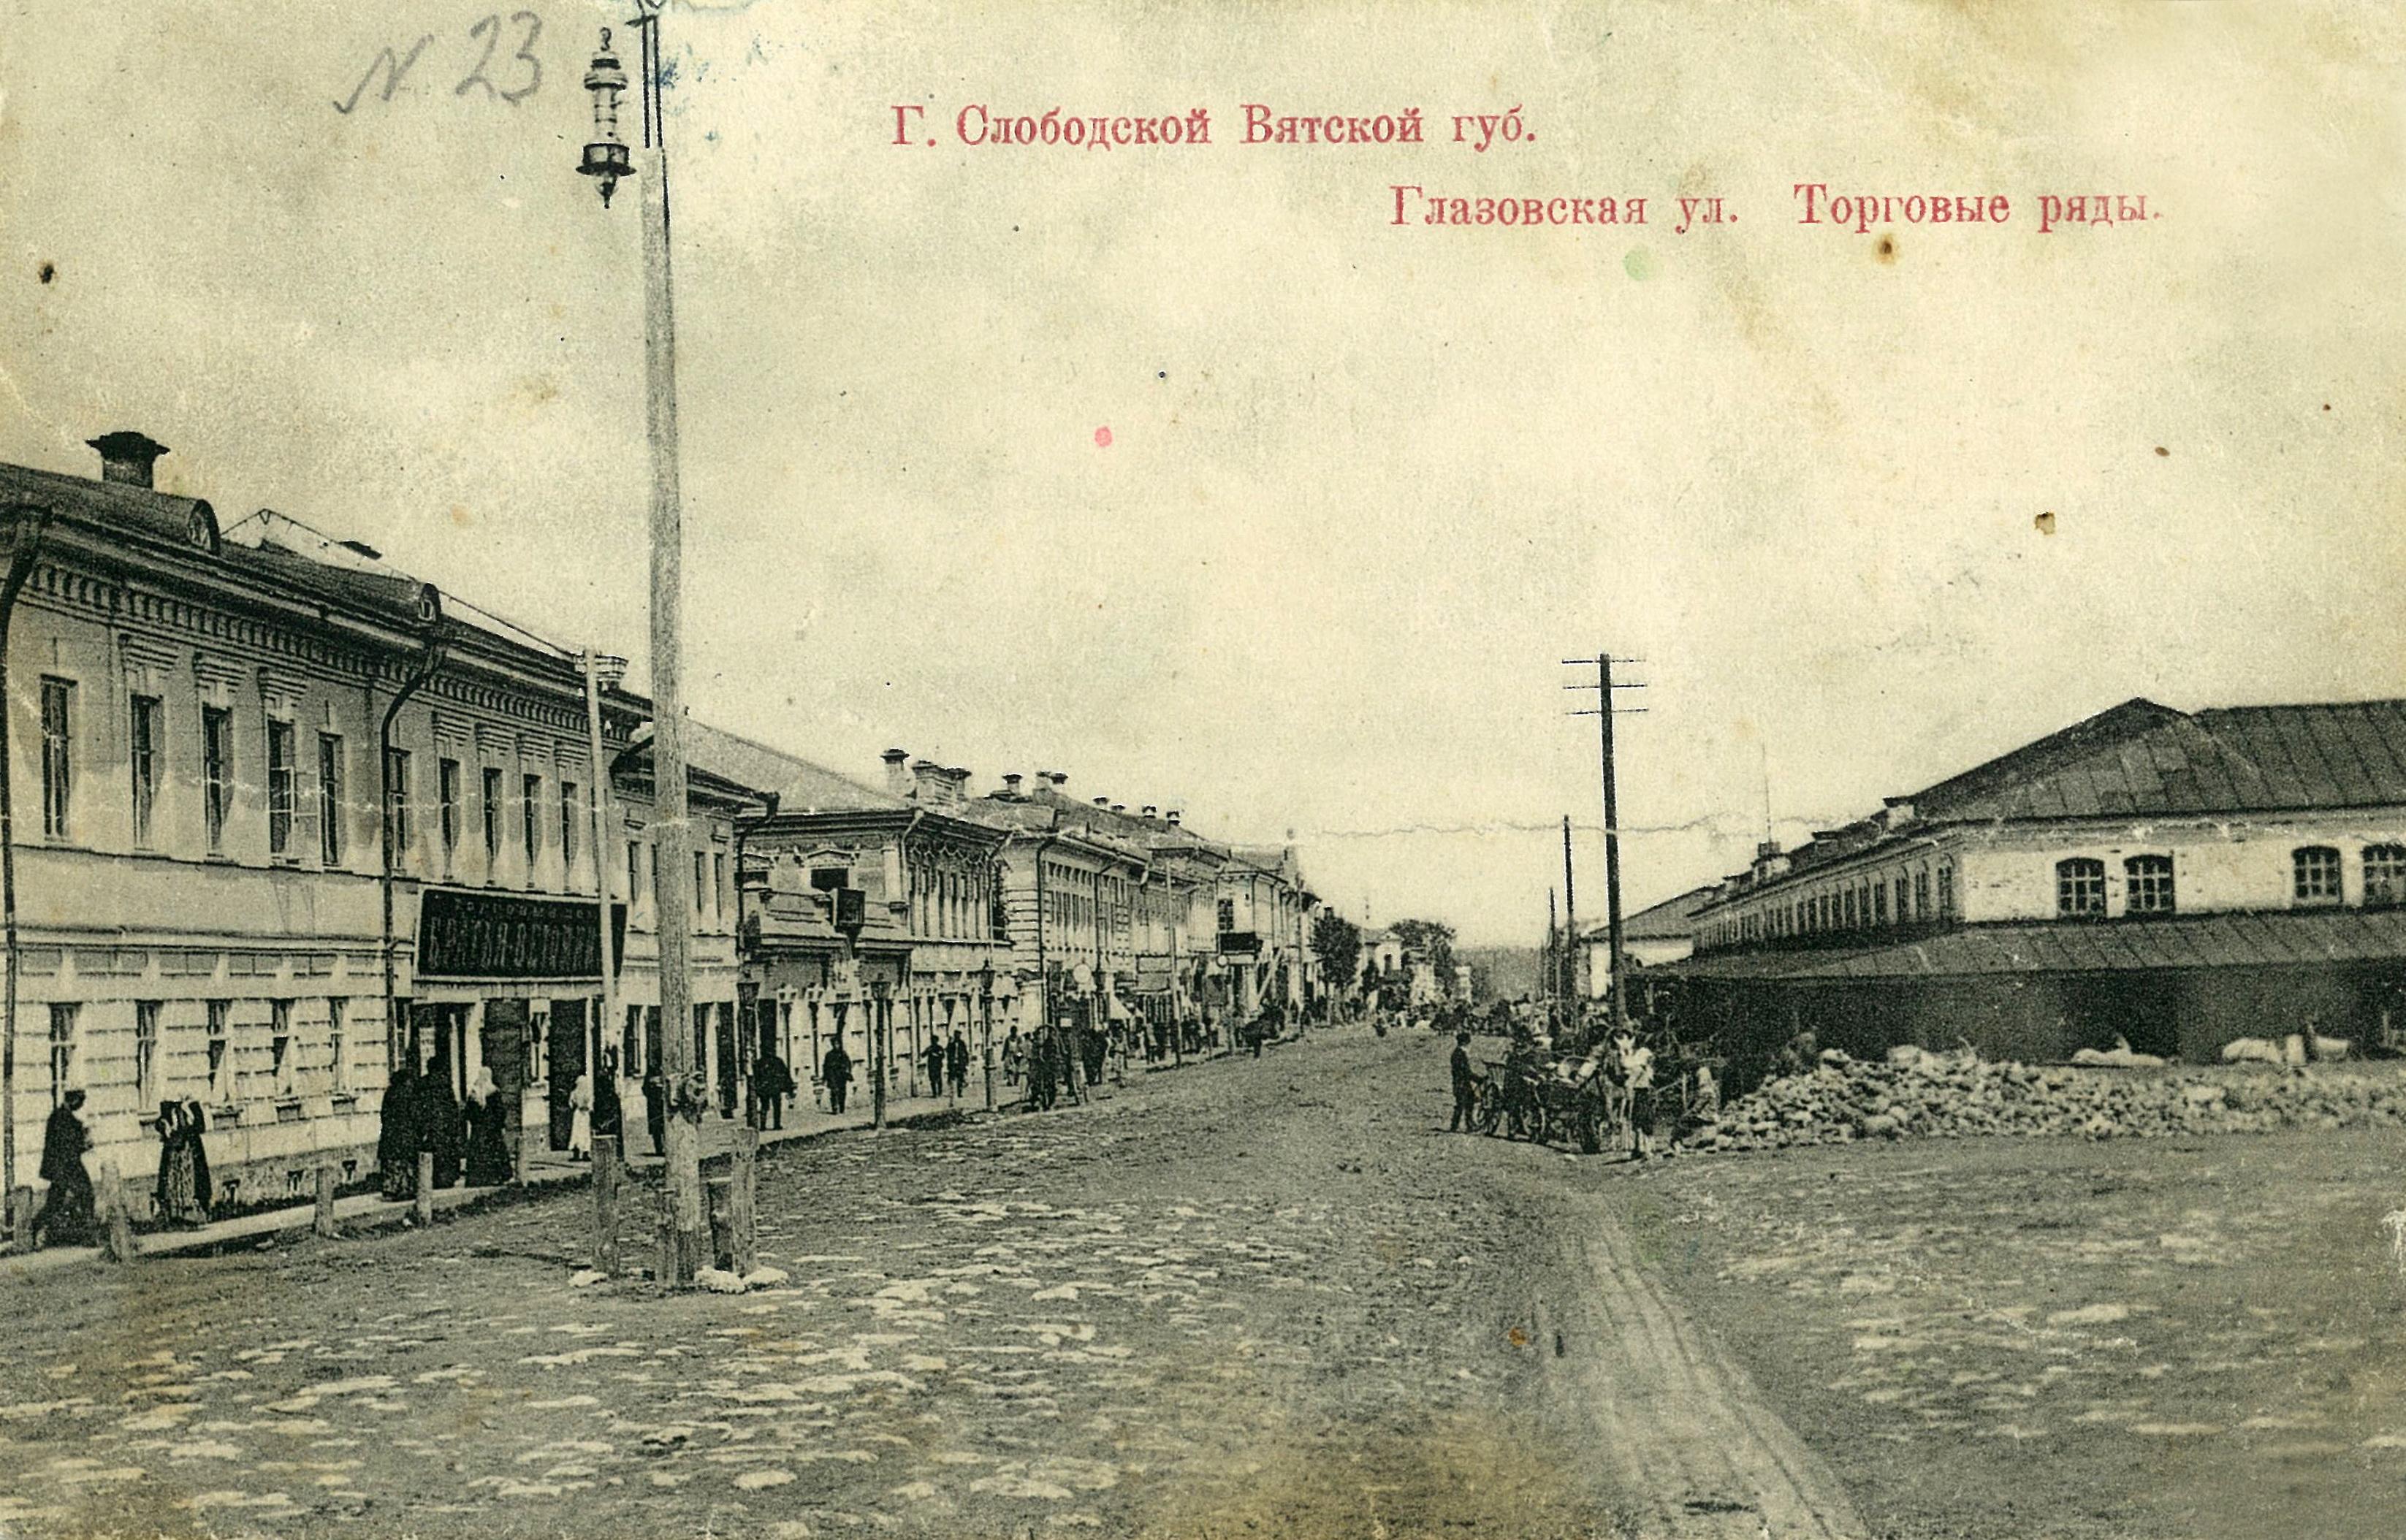 Глазовская улица и Торговые ряды